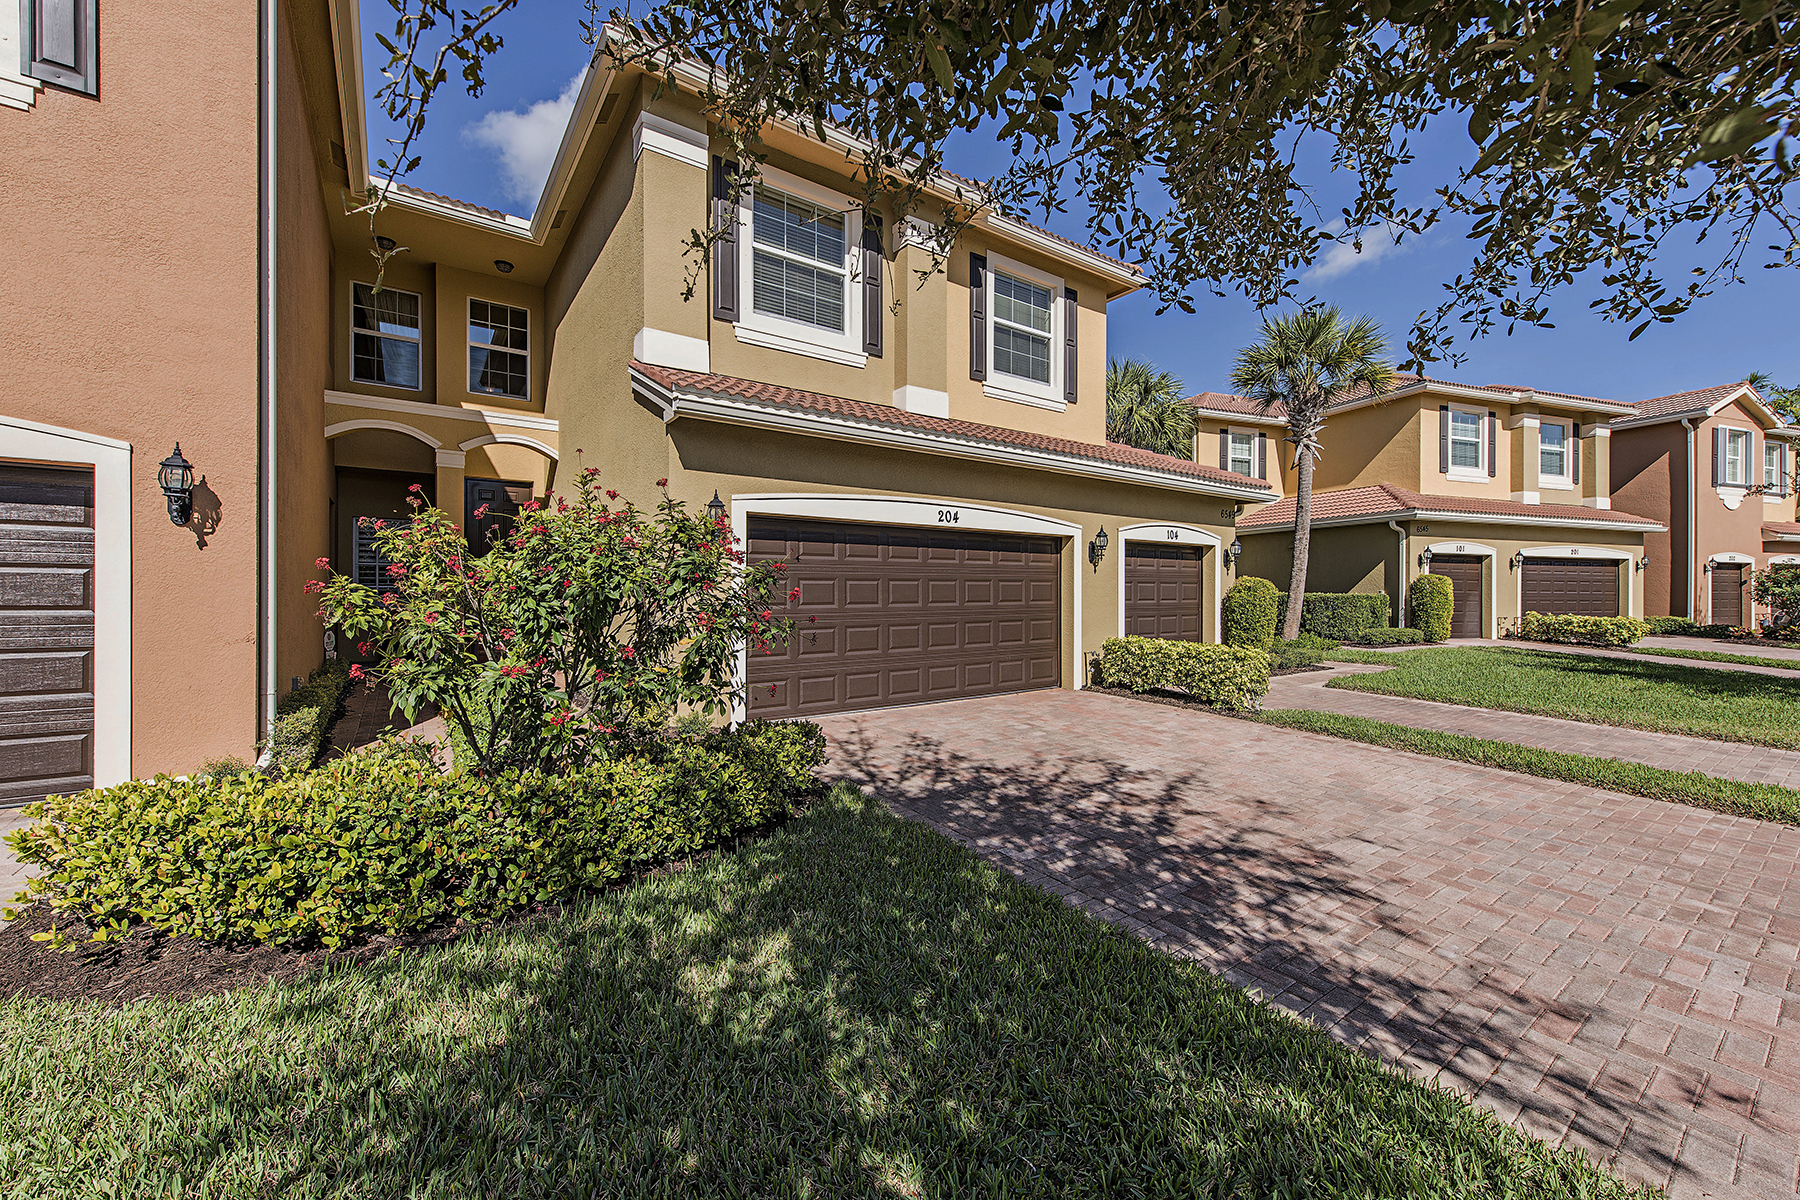 Eigentumswohnung für Verkauf beim MARBELLA LAKES 6549 Monterey Pt 204 Naples, Florida, 34105 Vereinigte Staaten